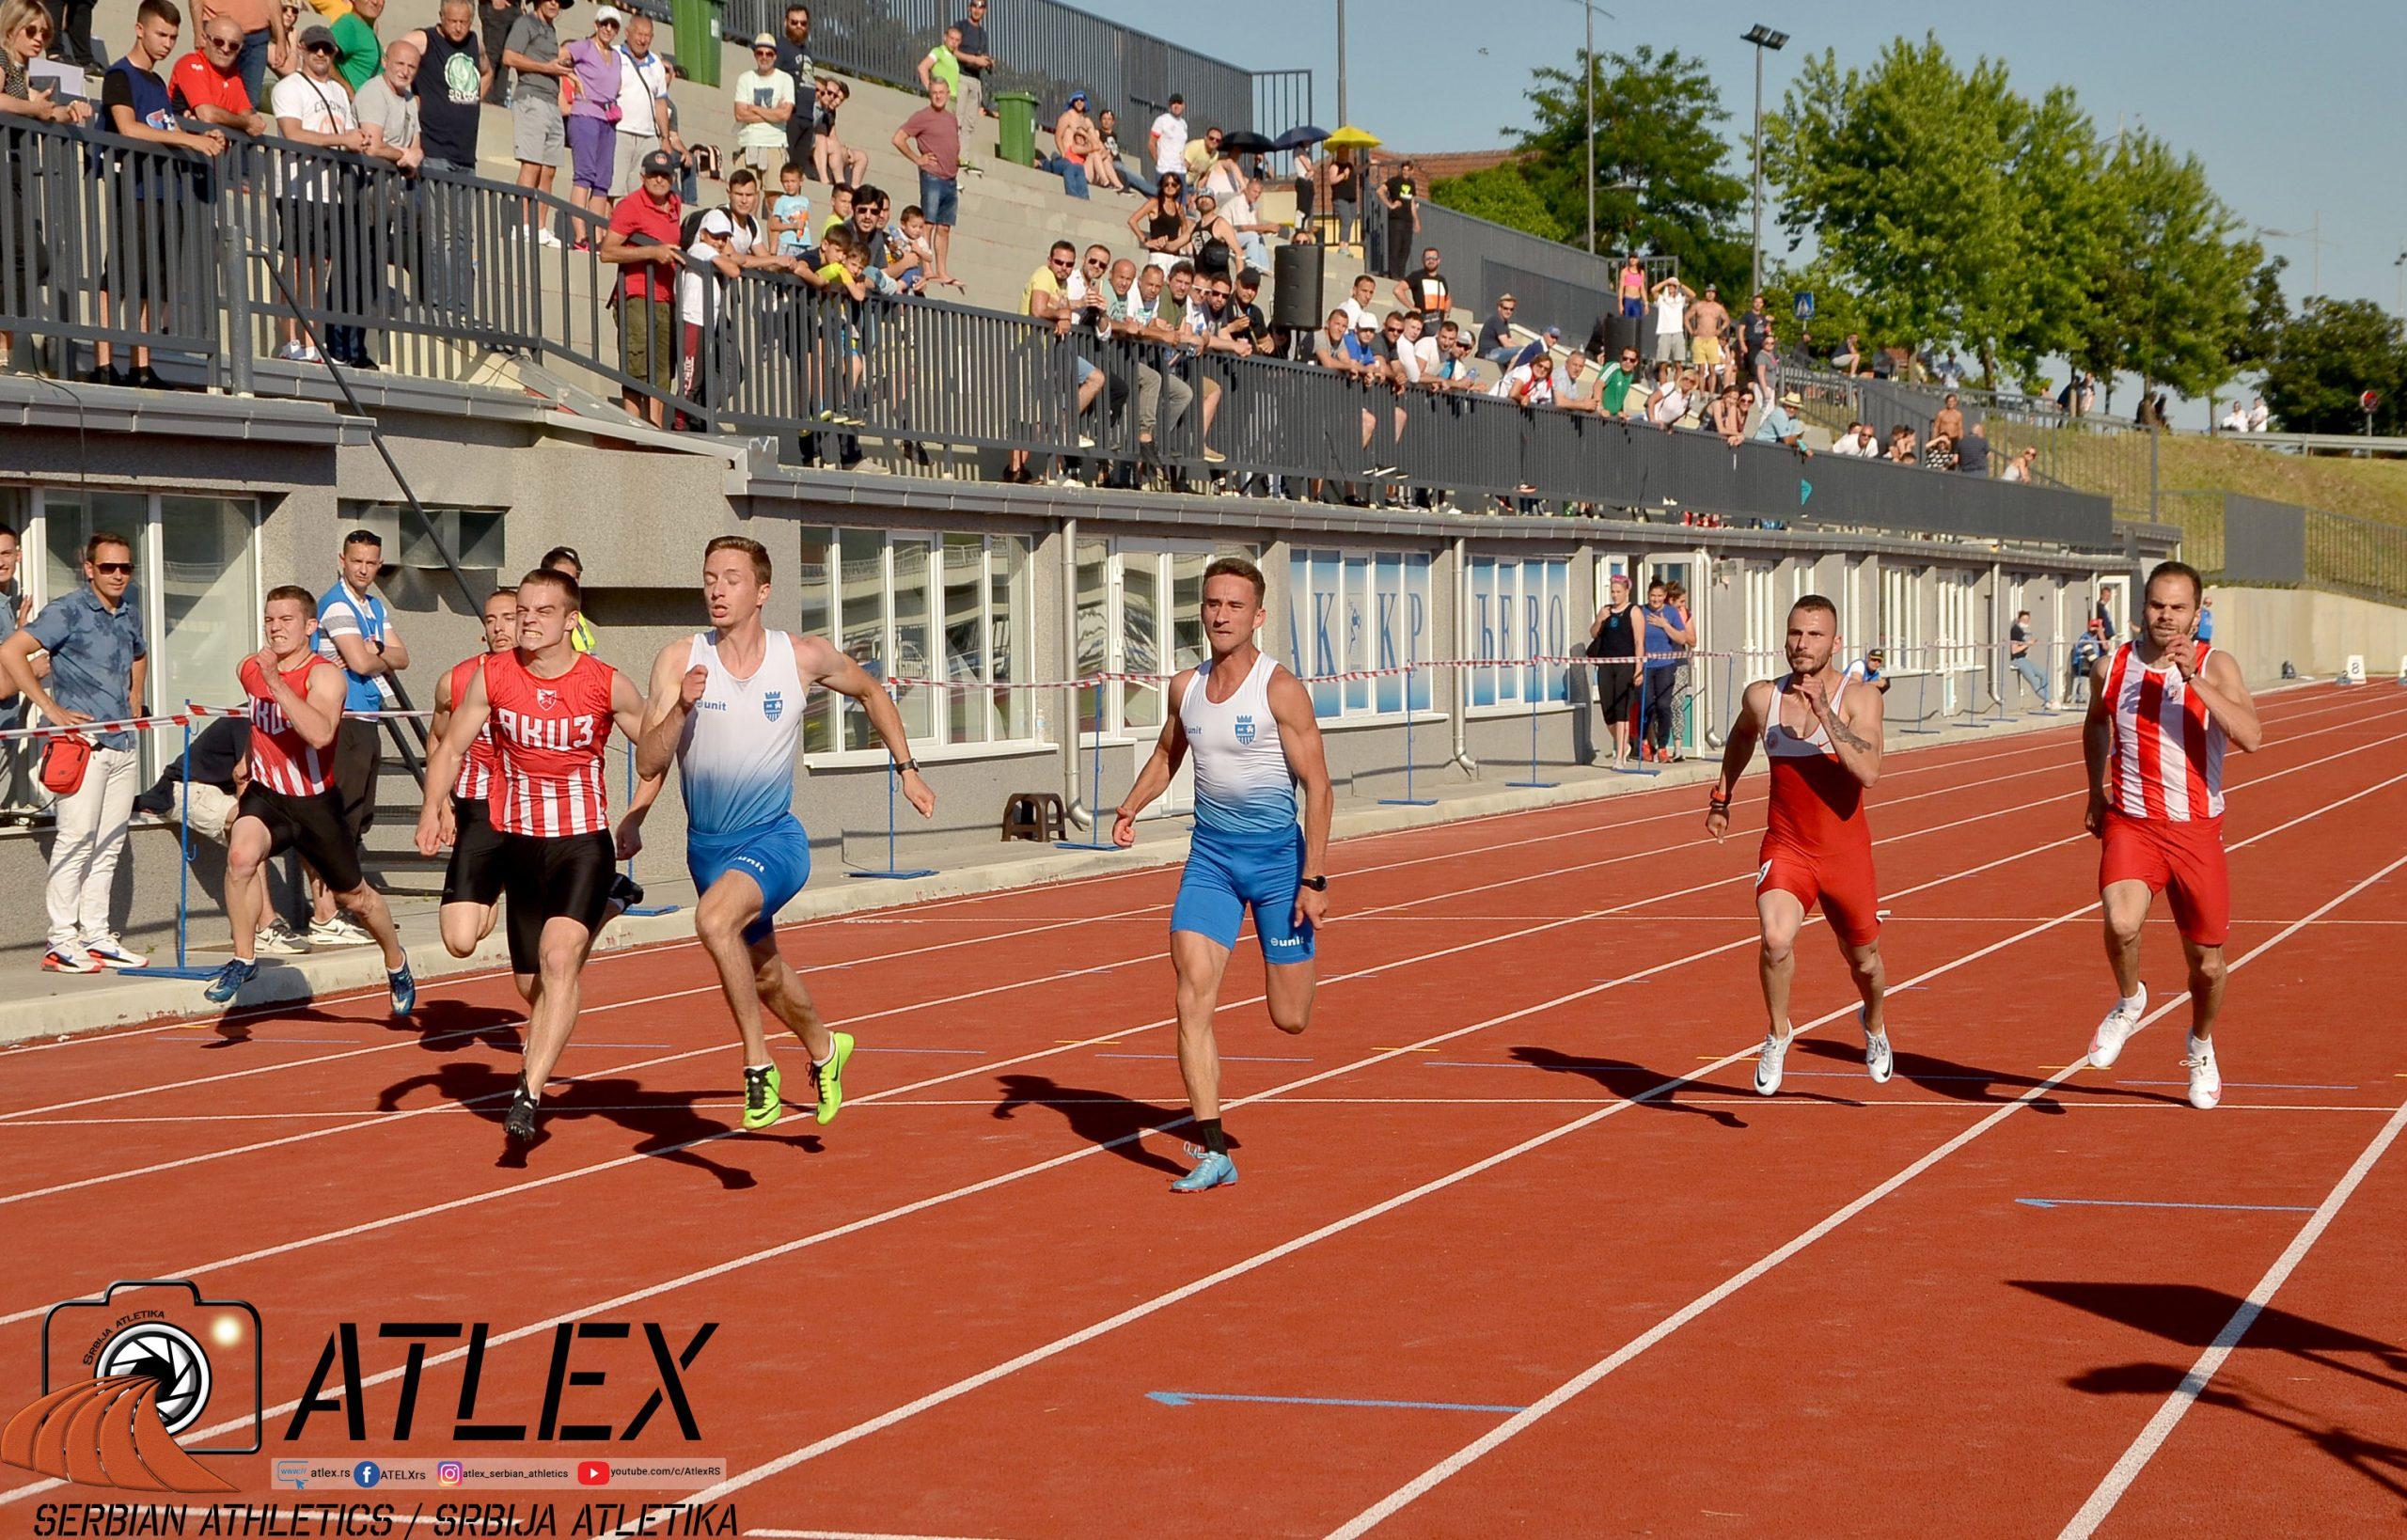 Prvenstvo Srbije 2021 - 100m mškarci finale